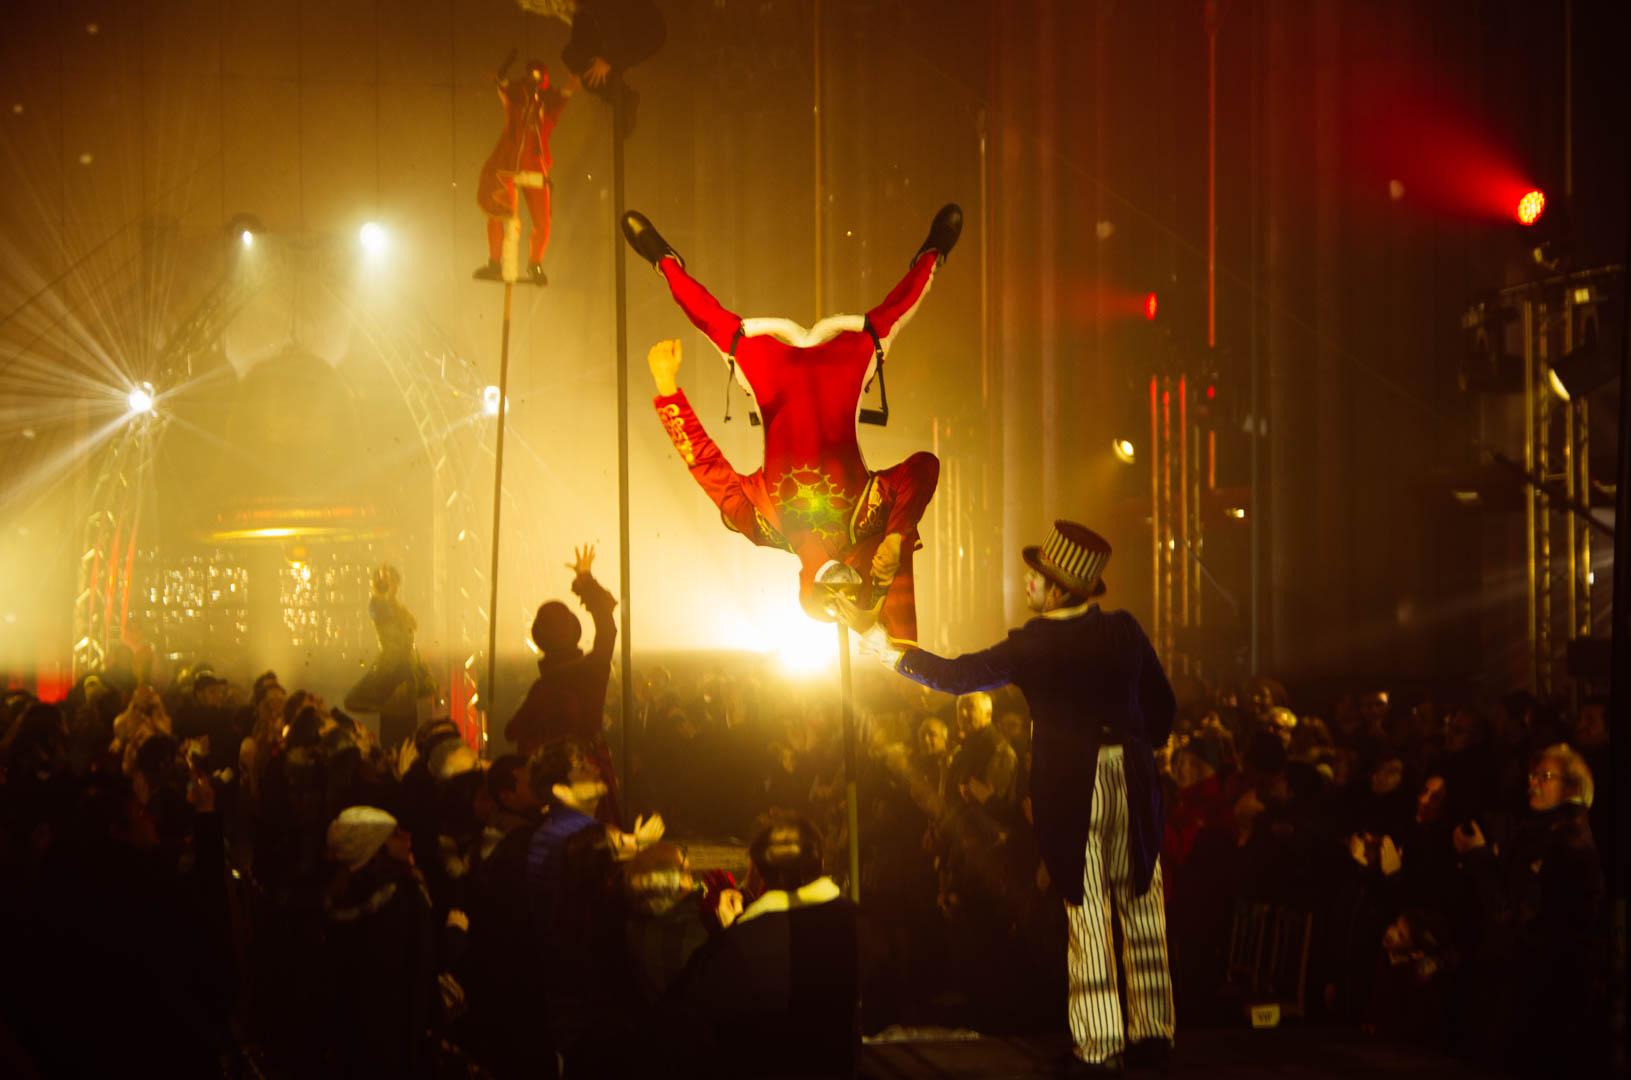 spectacle les sonneurs de noël cathédrale notre dame de la treille 185